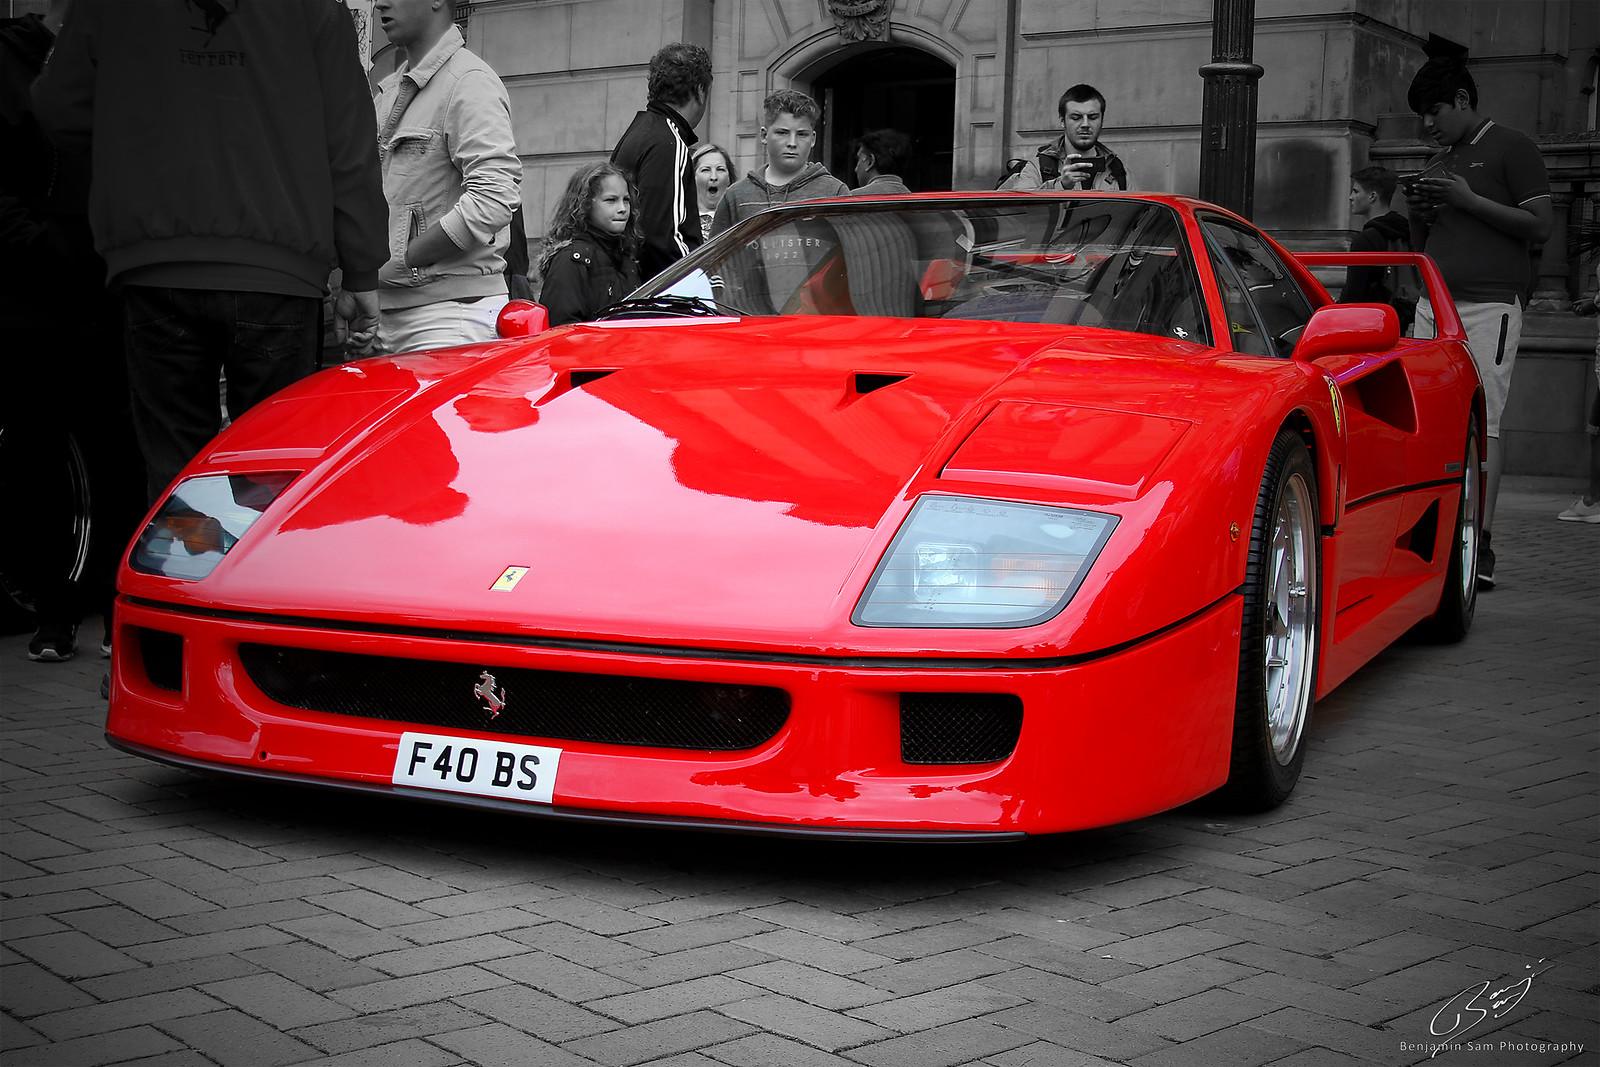 Ferrari F40 in a Crowd